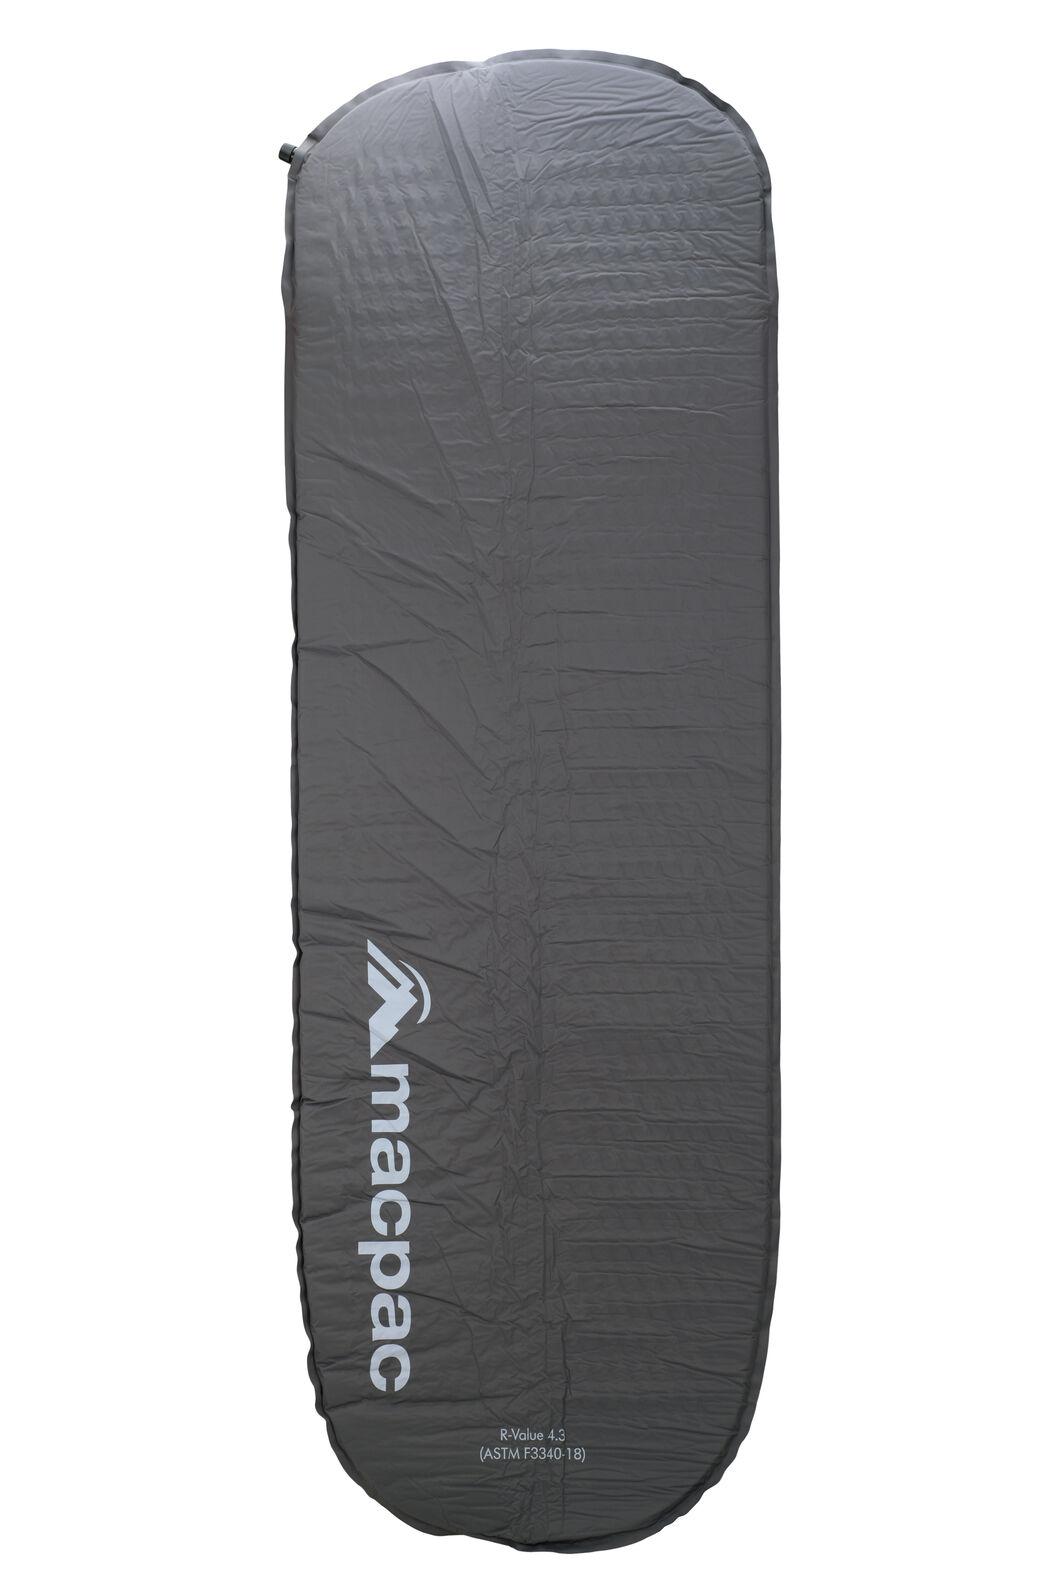 Macpac Self-Inflating Sleeping Mat — 5 cm, Forged Iron, hi-res